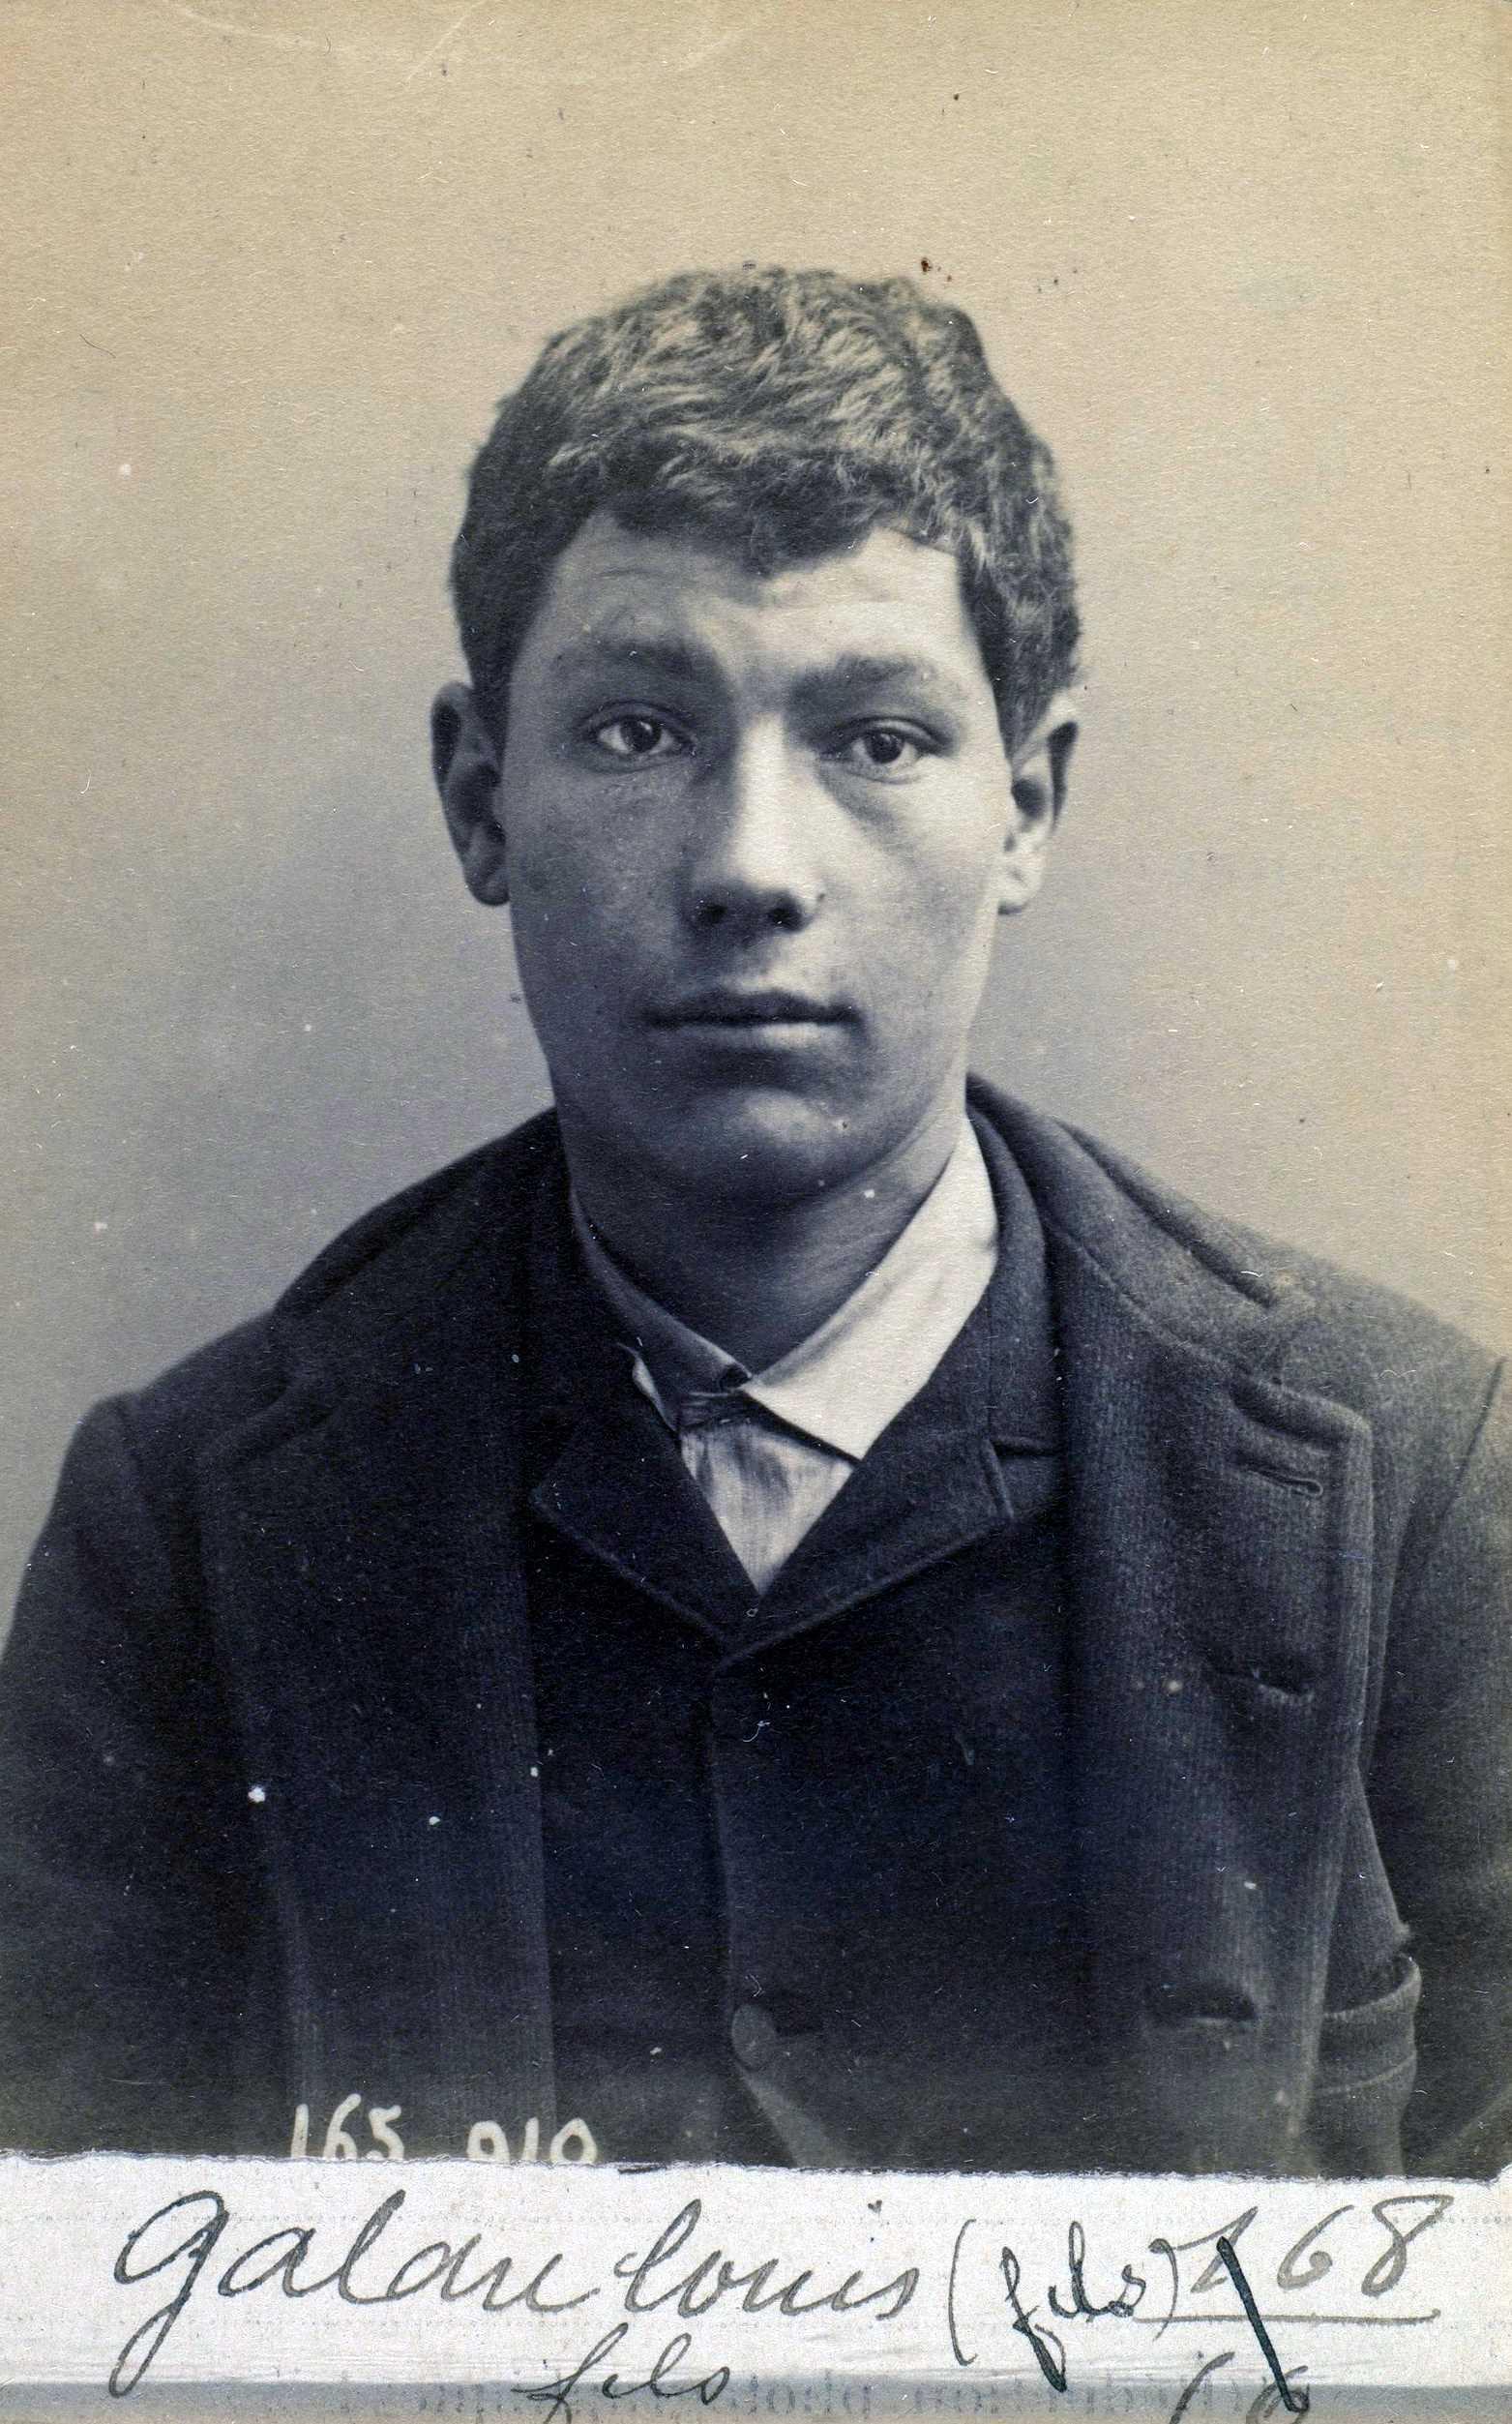 Foto policíaca de Charles Gallau (21 de febrer de 1891)